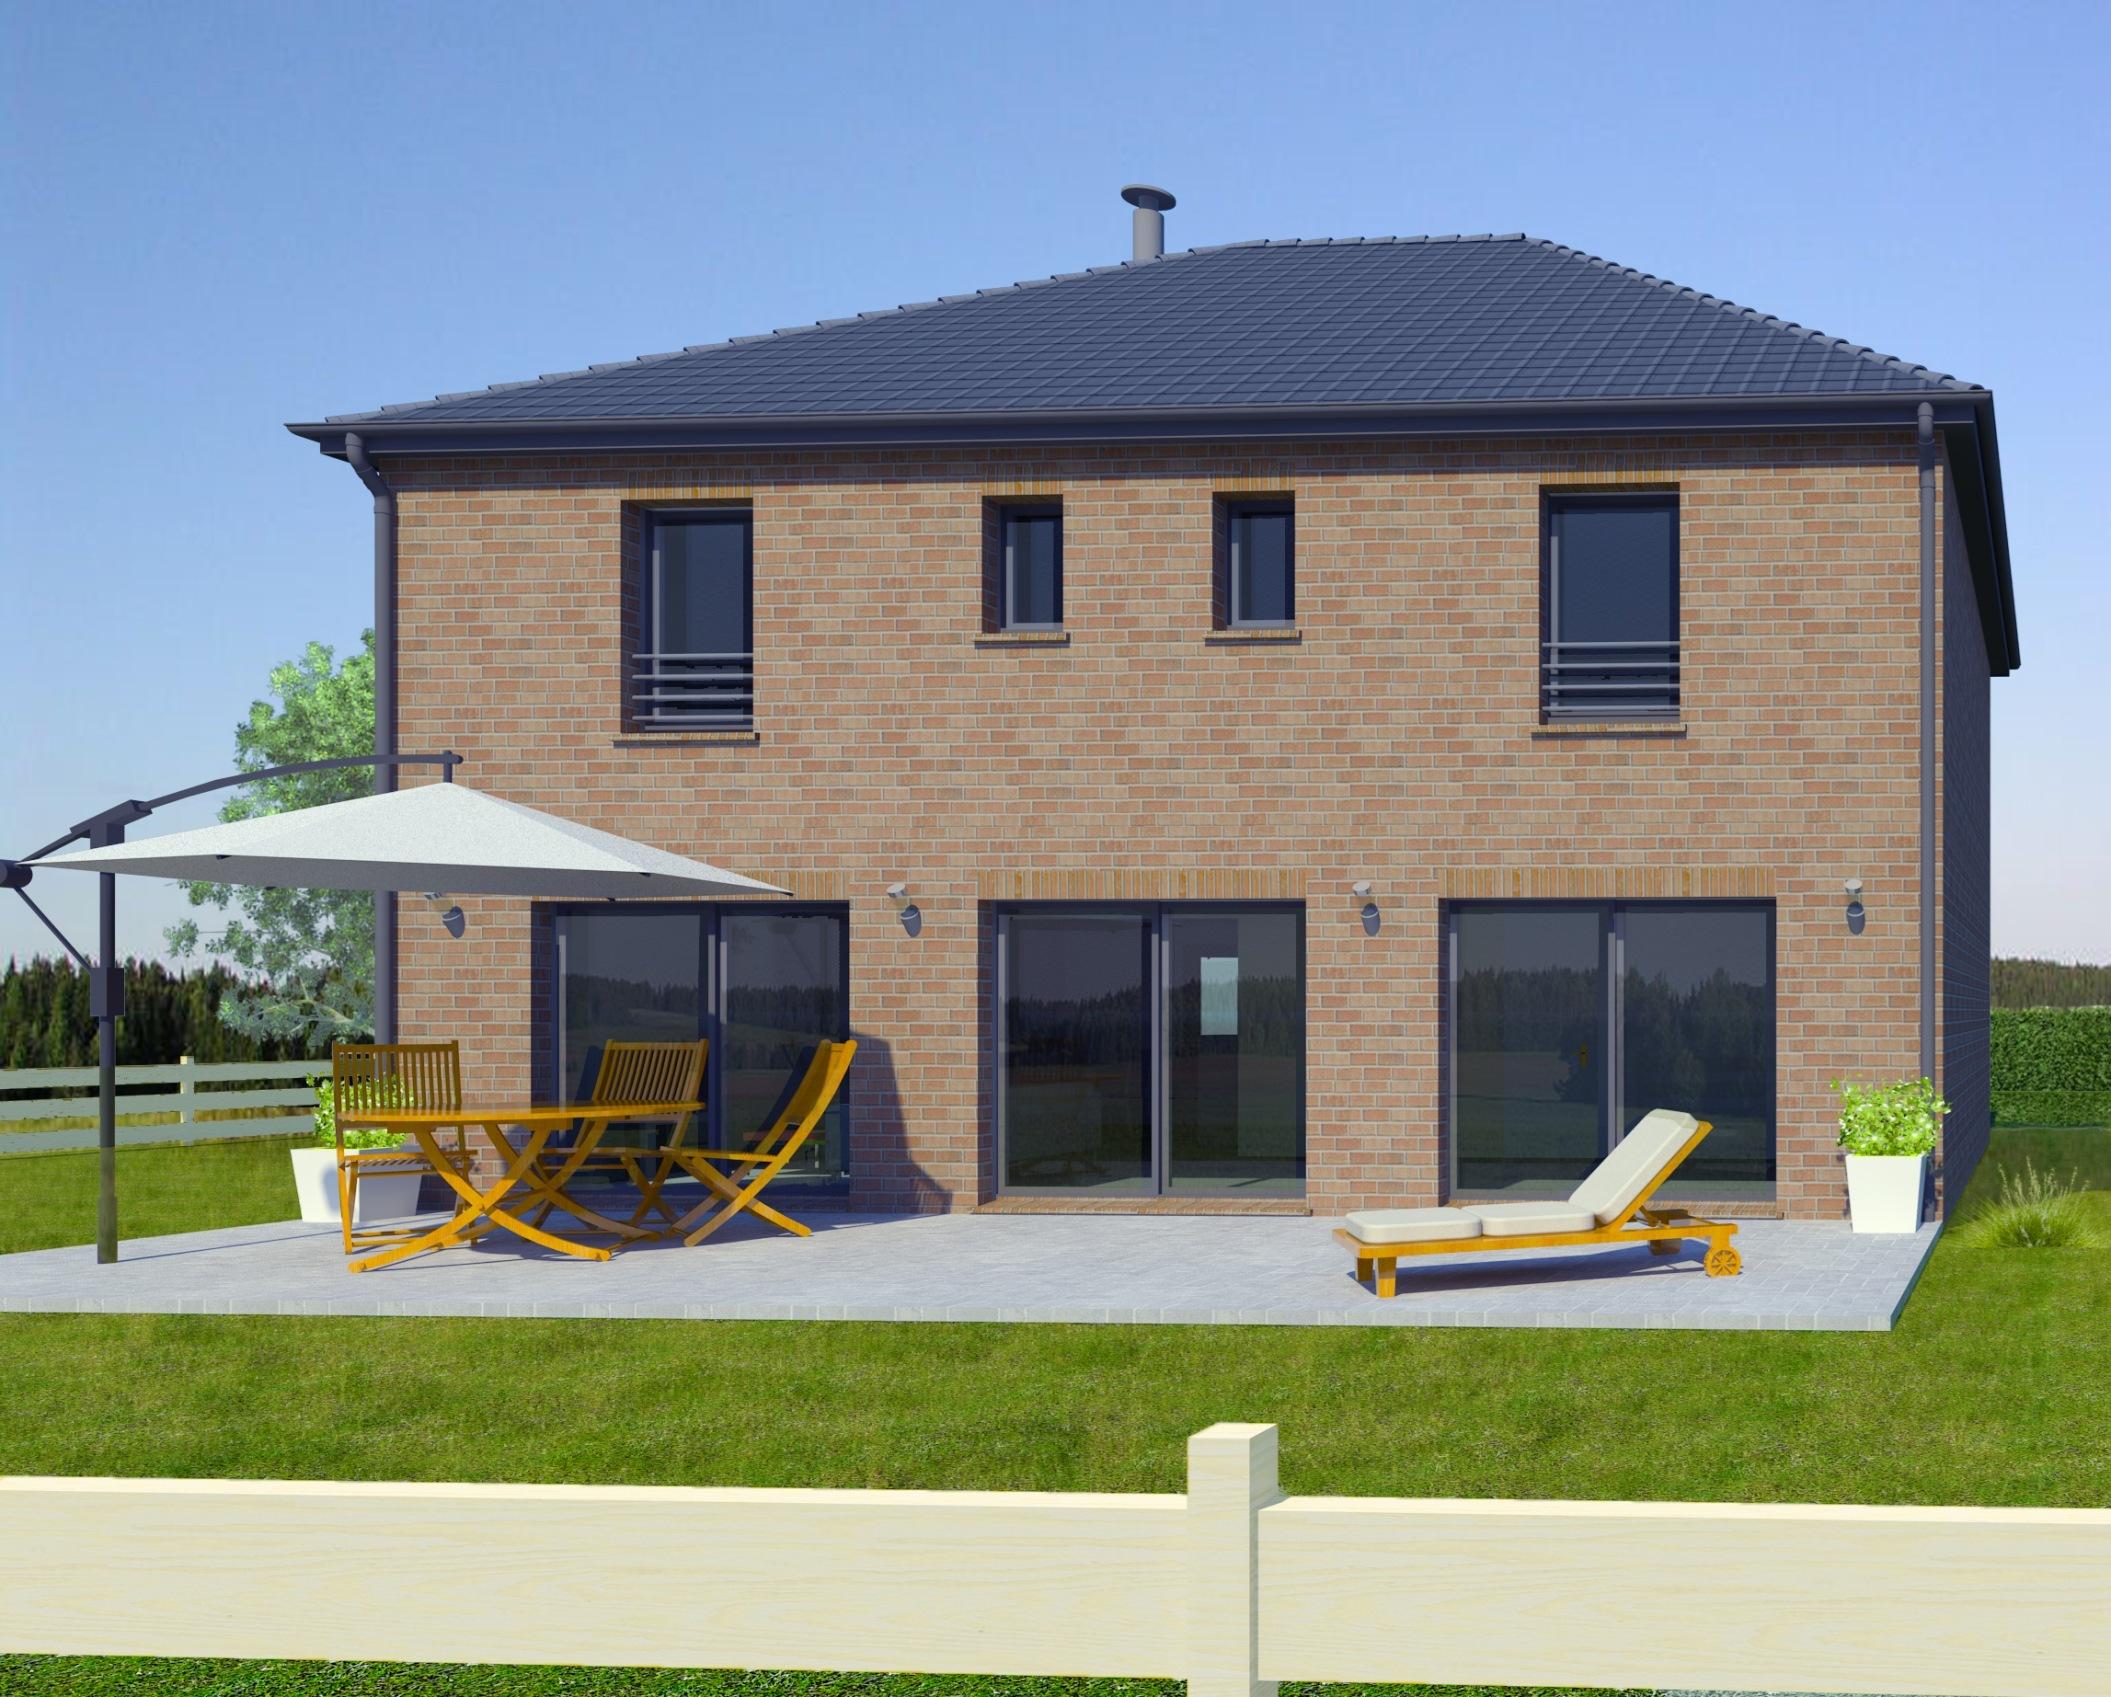 Maisons + Terrains du constructeur MAISON FAMILIALE • 128 m² • SAINTE MARIE CAPPEL